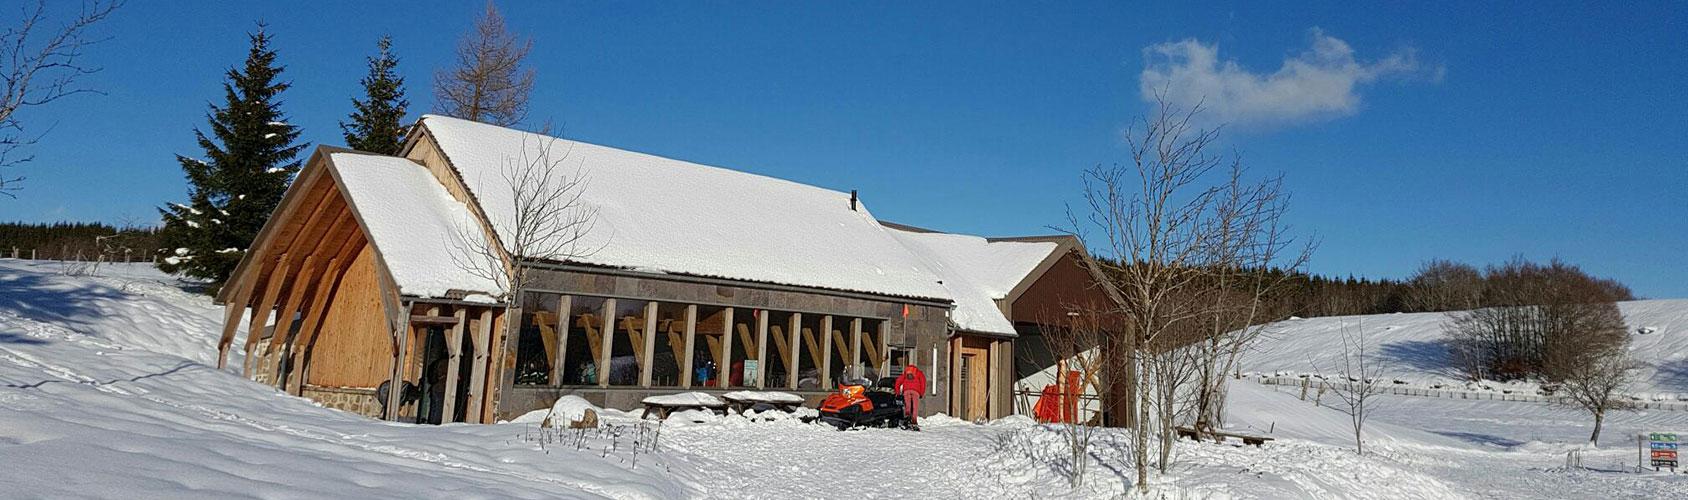 """<div class=""""sliderdesc""""> <h4>Découvrez l'Espace Aubrac Sud !! </h4> La station de ski Aubrac Sud, agréée Nordic France vous accueille tout au long de l'hiver. En ski de fond, raquettes de neige ou luge, venez vous ressourcer sur le site de Bonnecombe.   <br><br> En famille ou avec des amis, petits comme grands, offrez vous un moment de détente et de convivialité dans une nature préservée.<br><br> <a href=""""https://www.aubrac-sud-lozere.com/la-station-de-ski/les-activites/"""">Les activités de la station</a> </div>"""